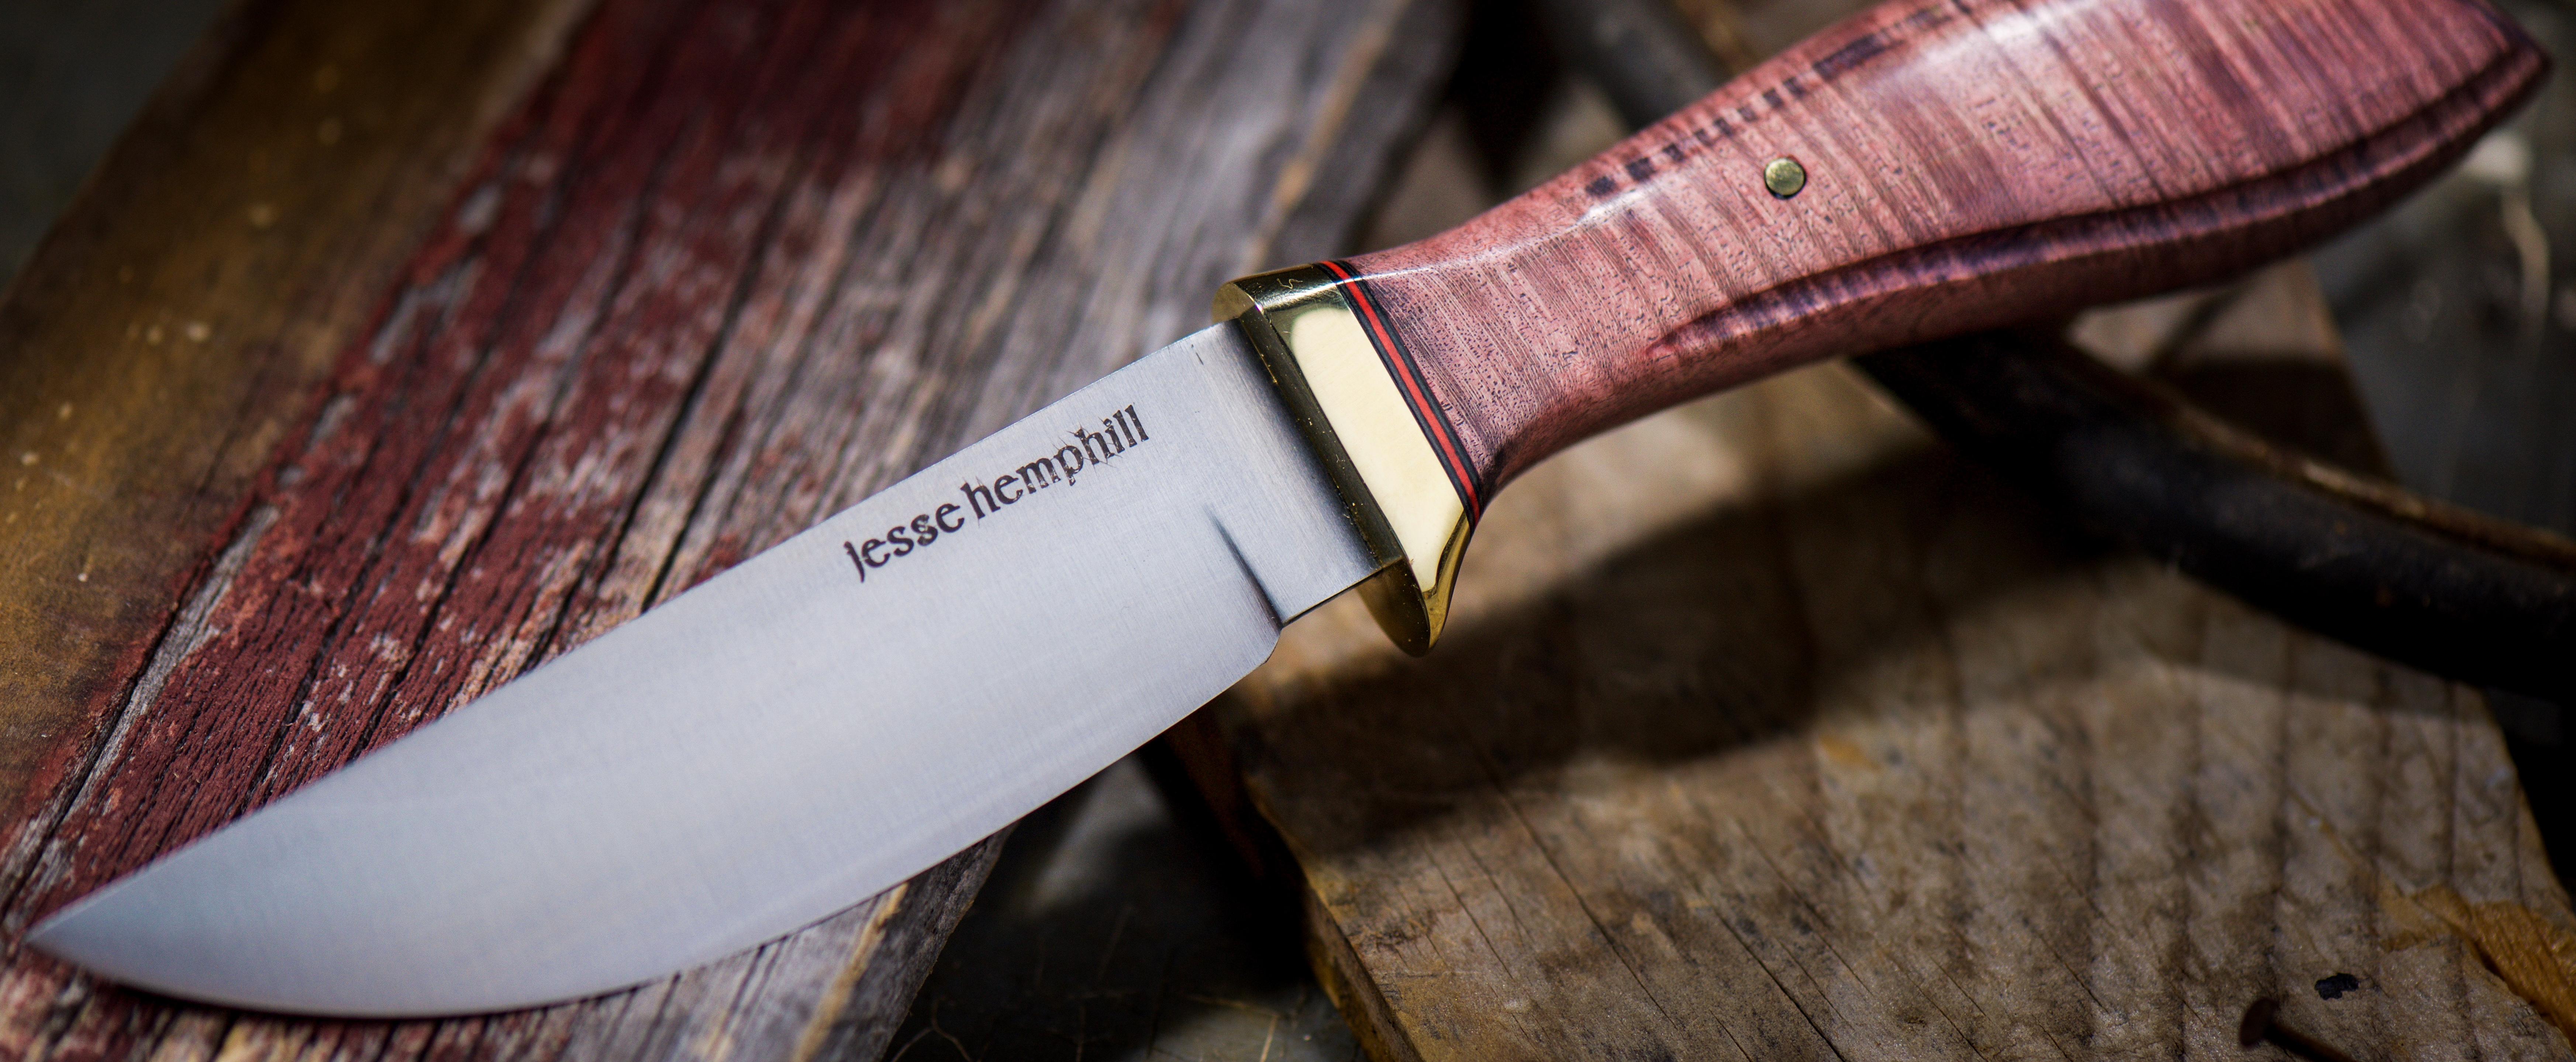 Jesse Hemphill Knives - Point Rock